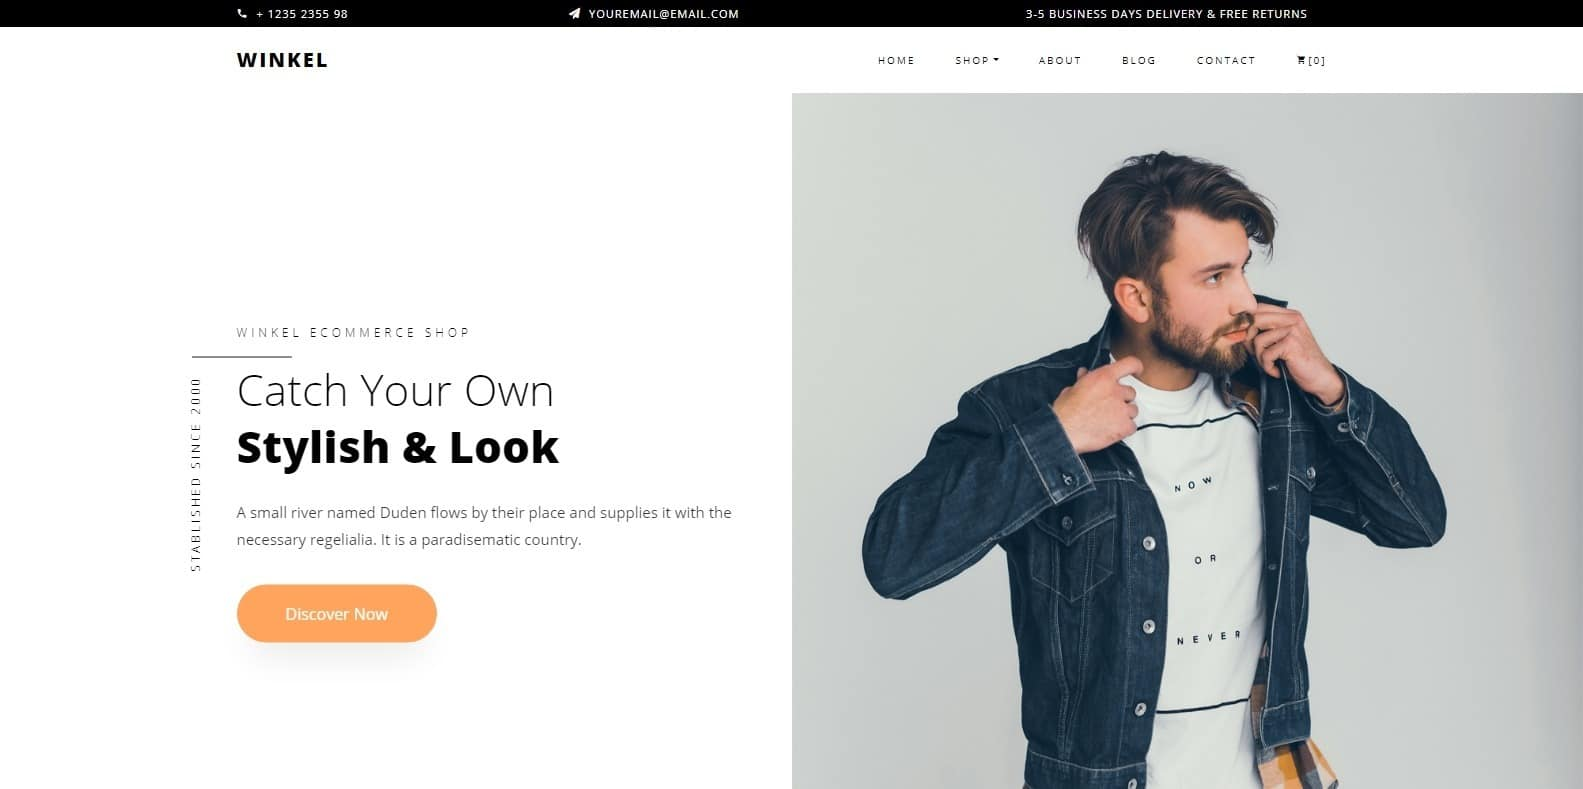 winkel-shop-website-template